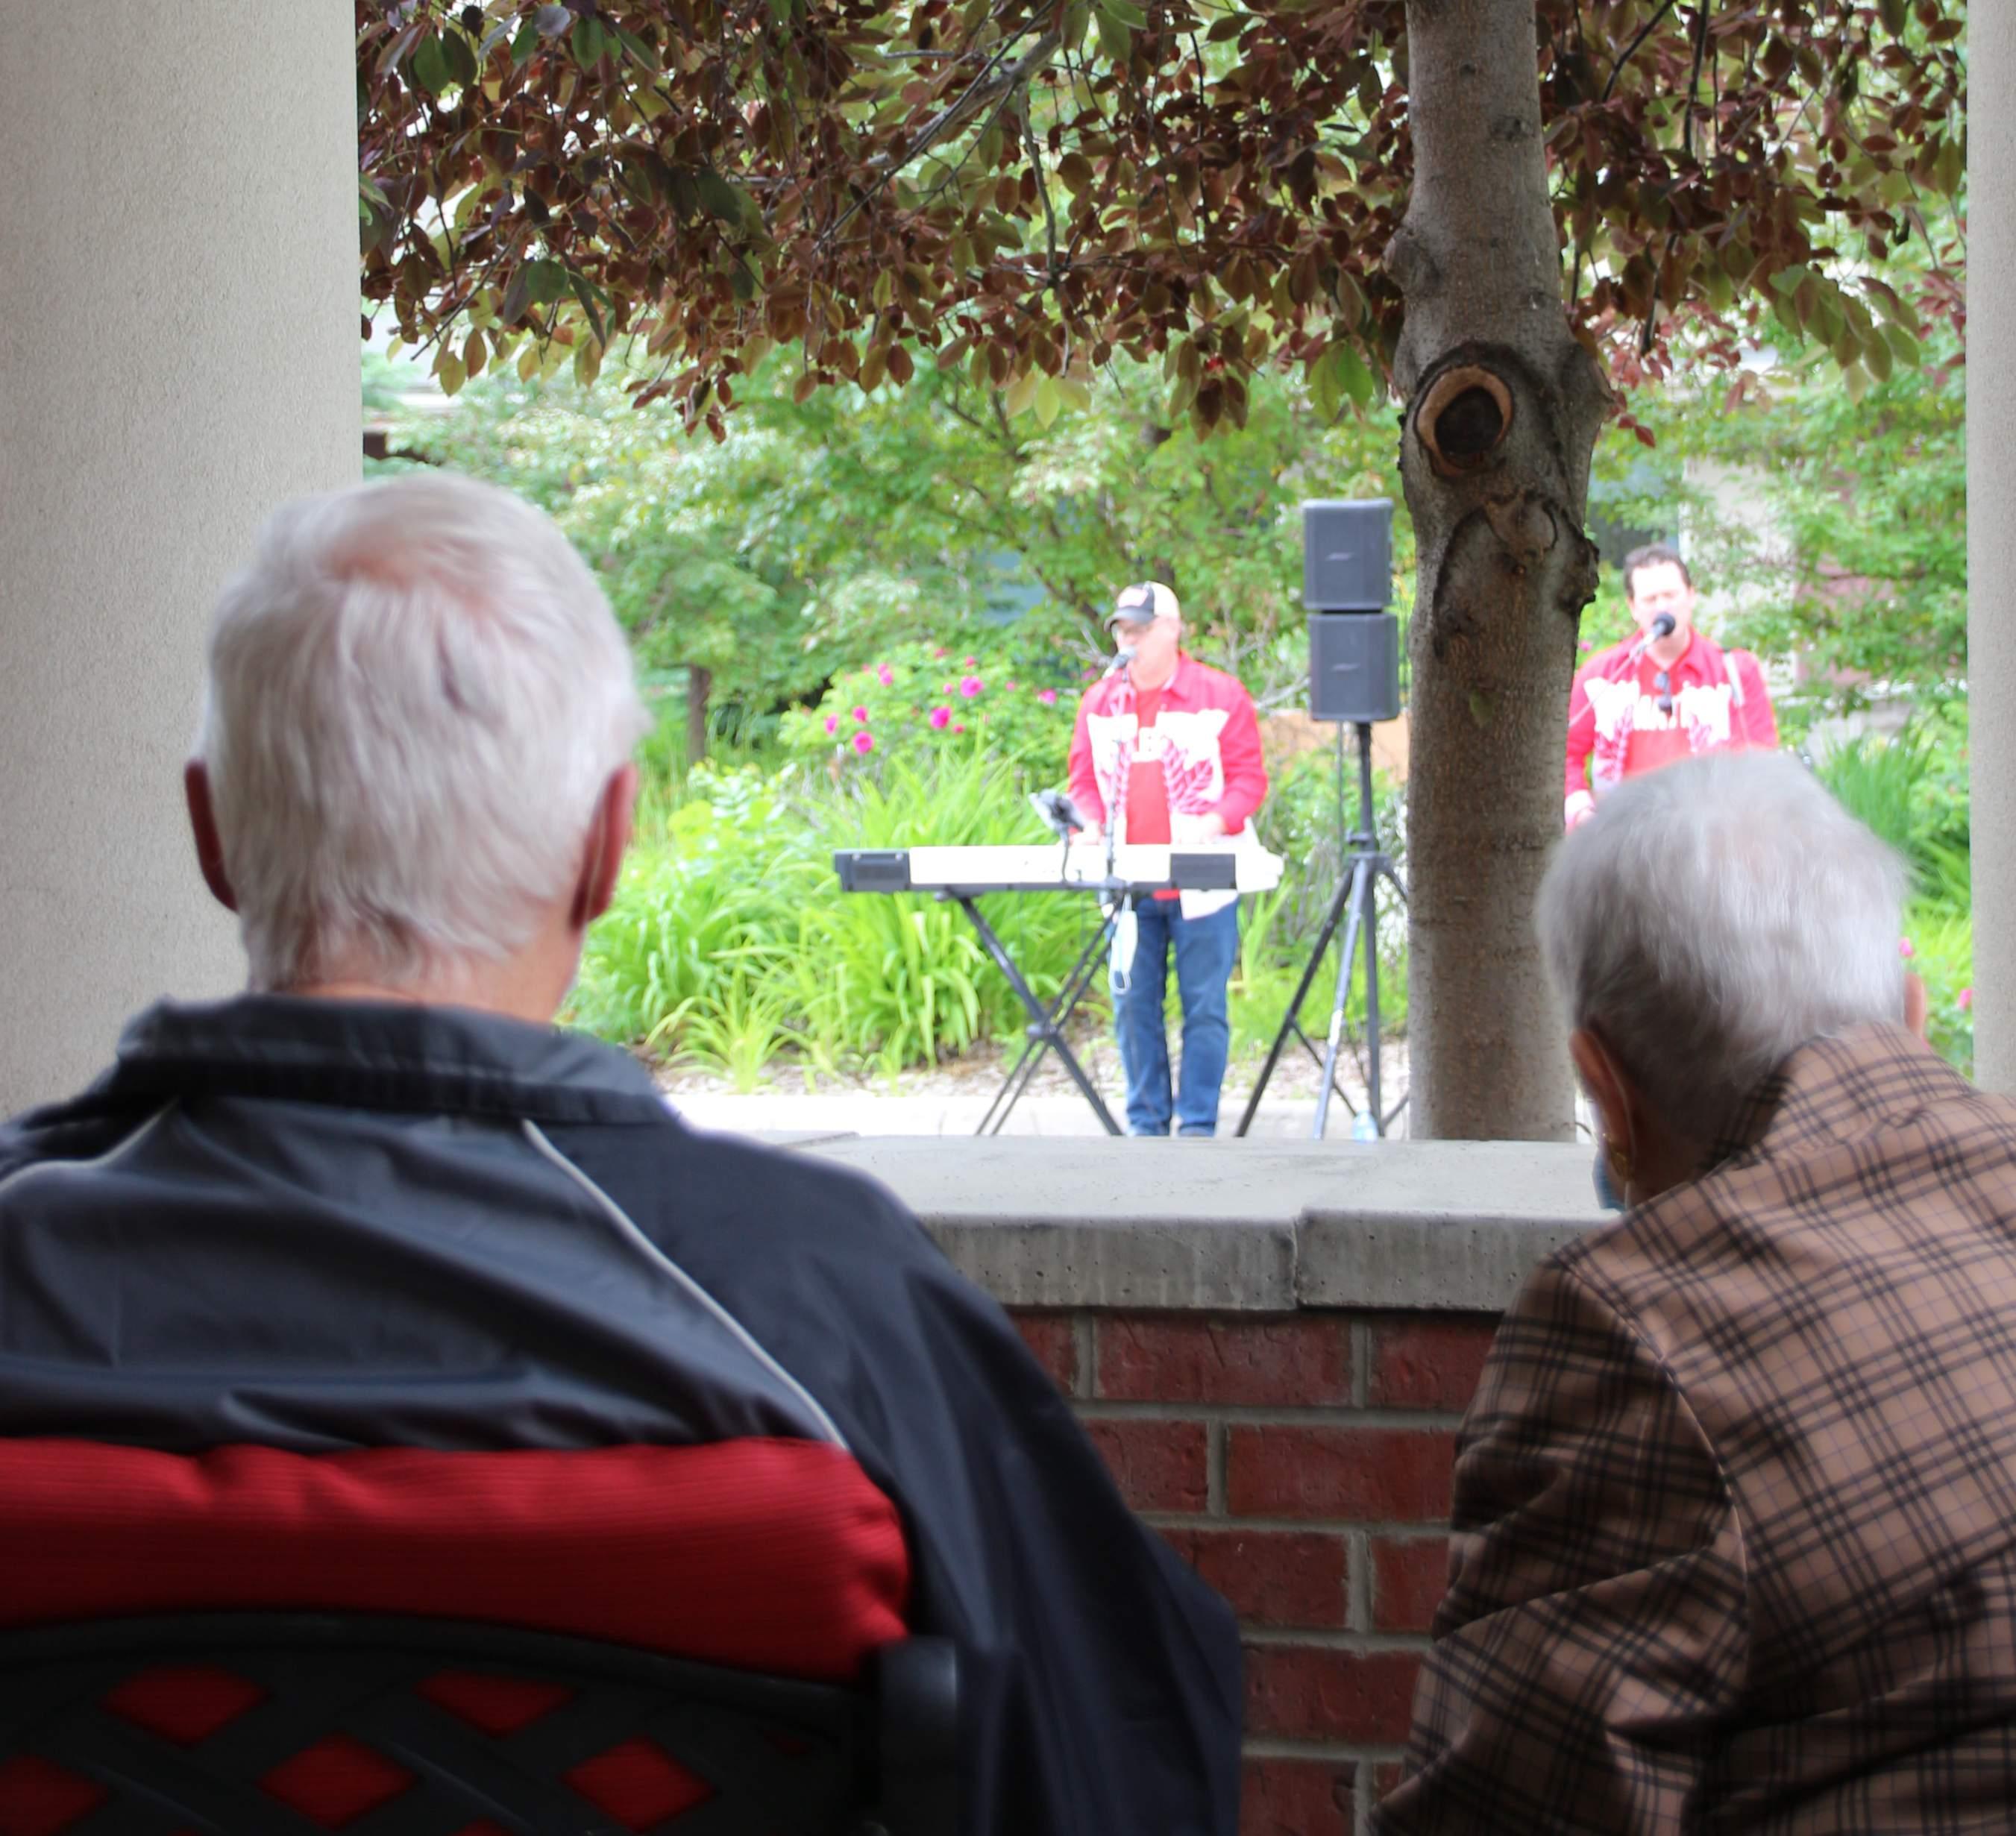 Enjoying the show in the courtyard